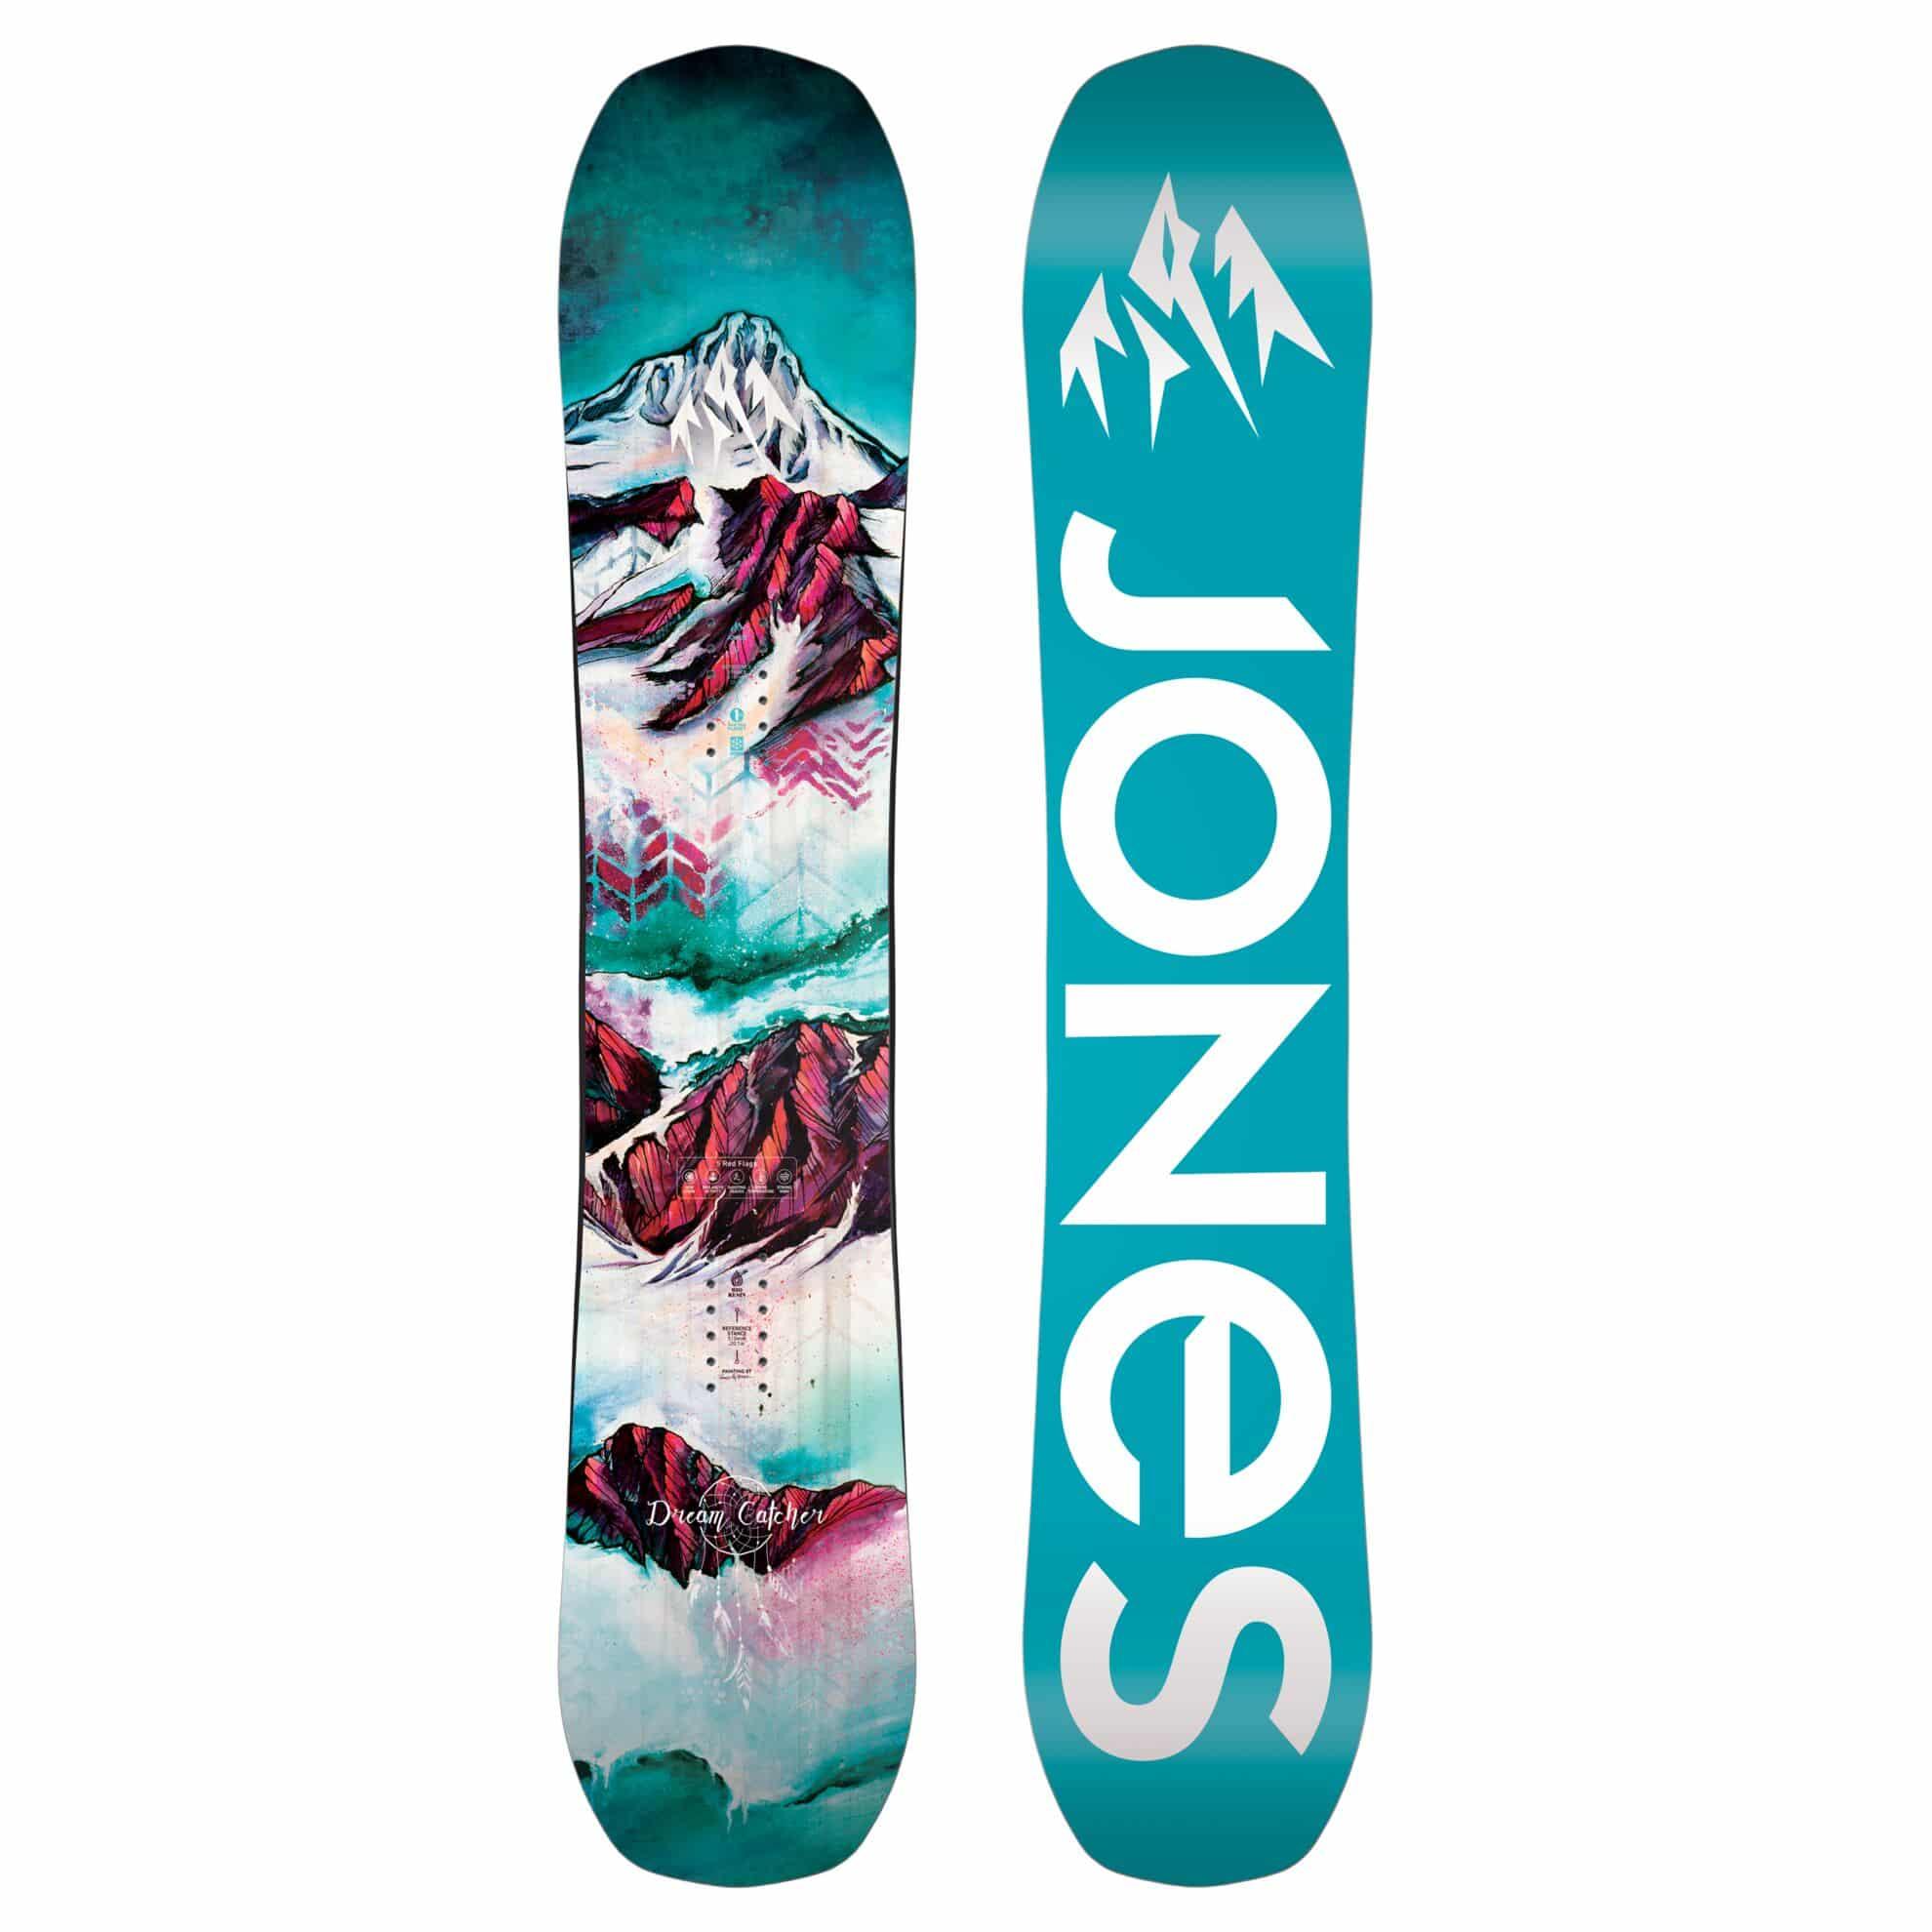 Dream Catcher Jones Snowboards